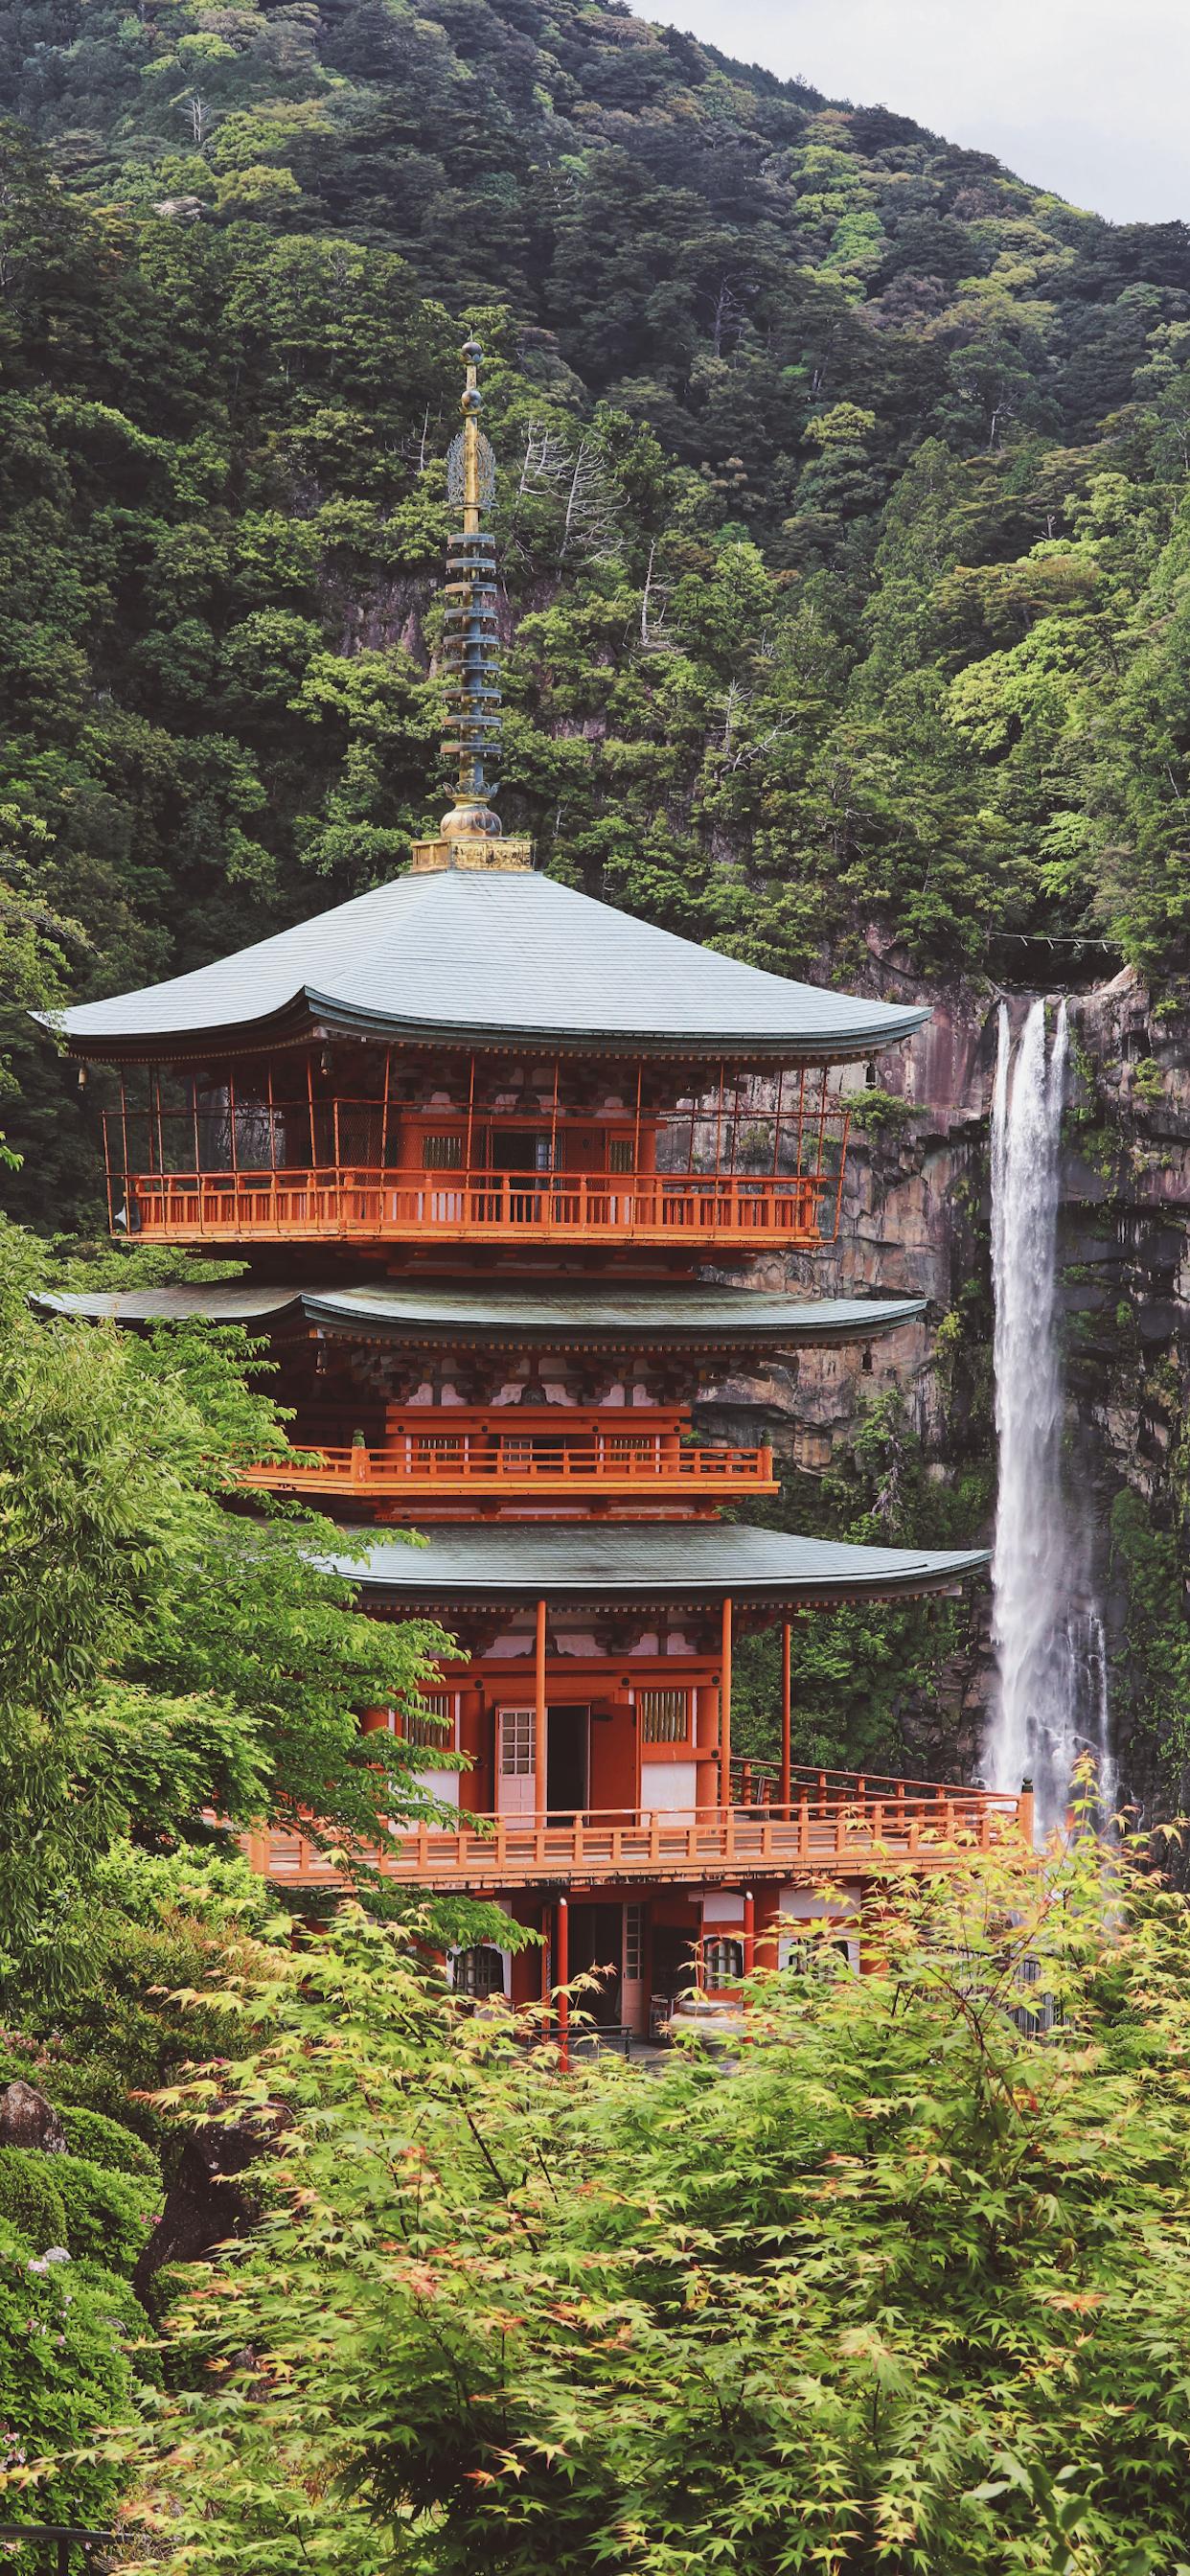 iPhone wallpapers temple nachisan japan Fonds d'écran iPhone du 02/04/2020